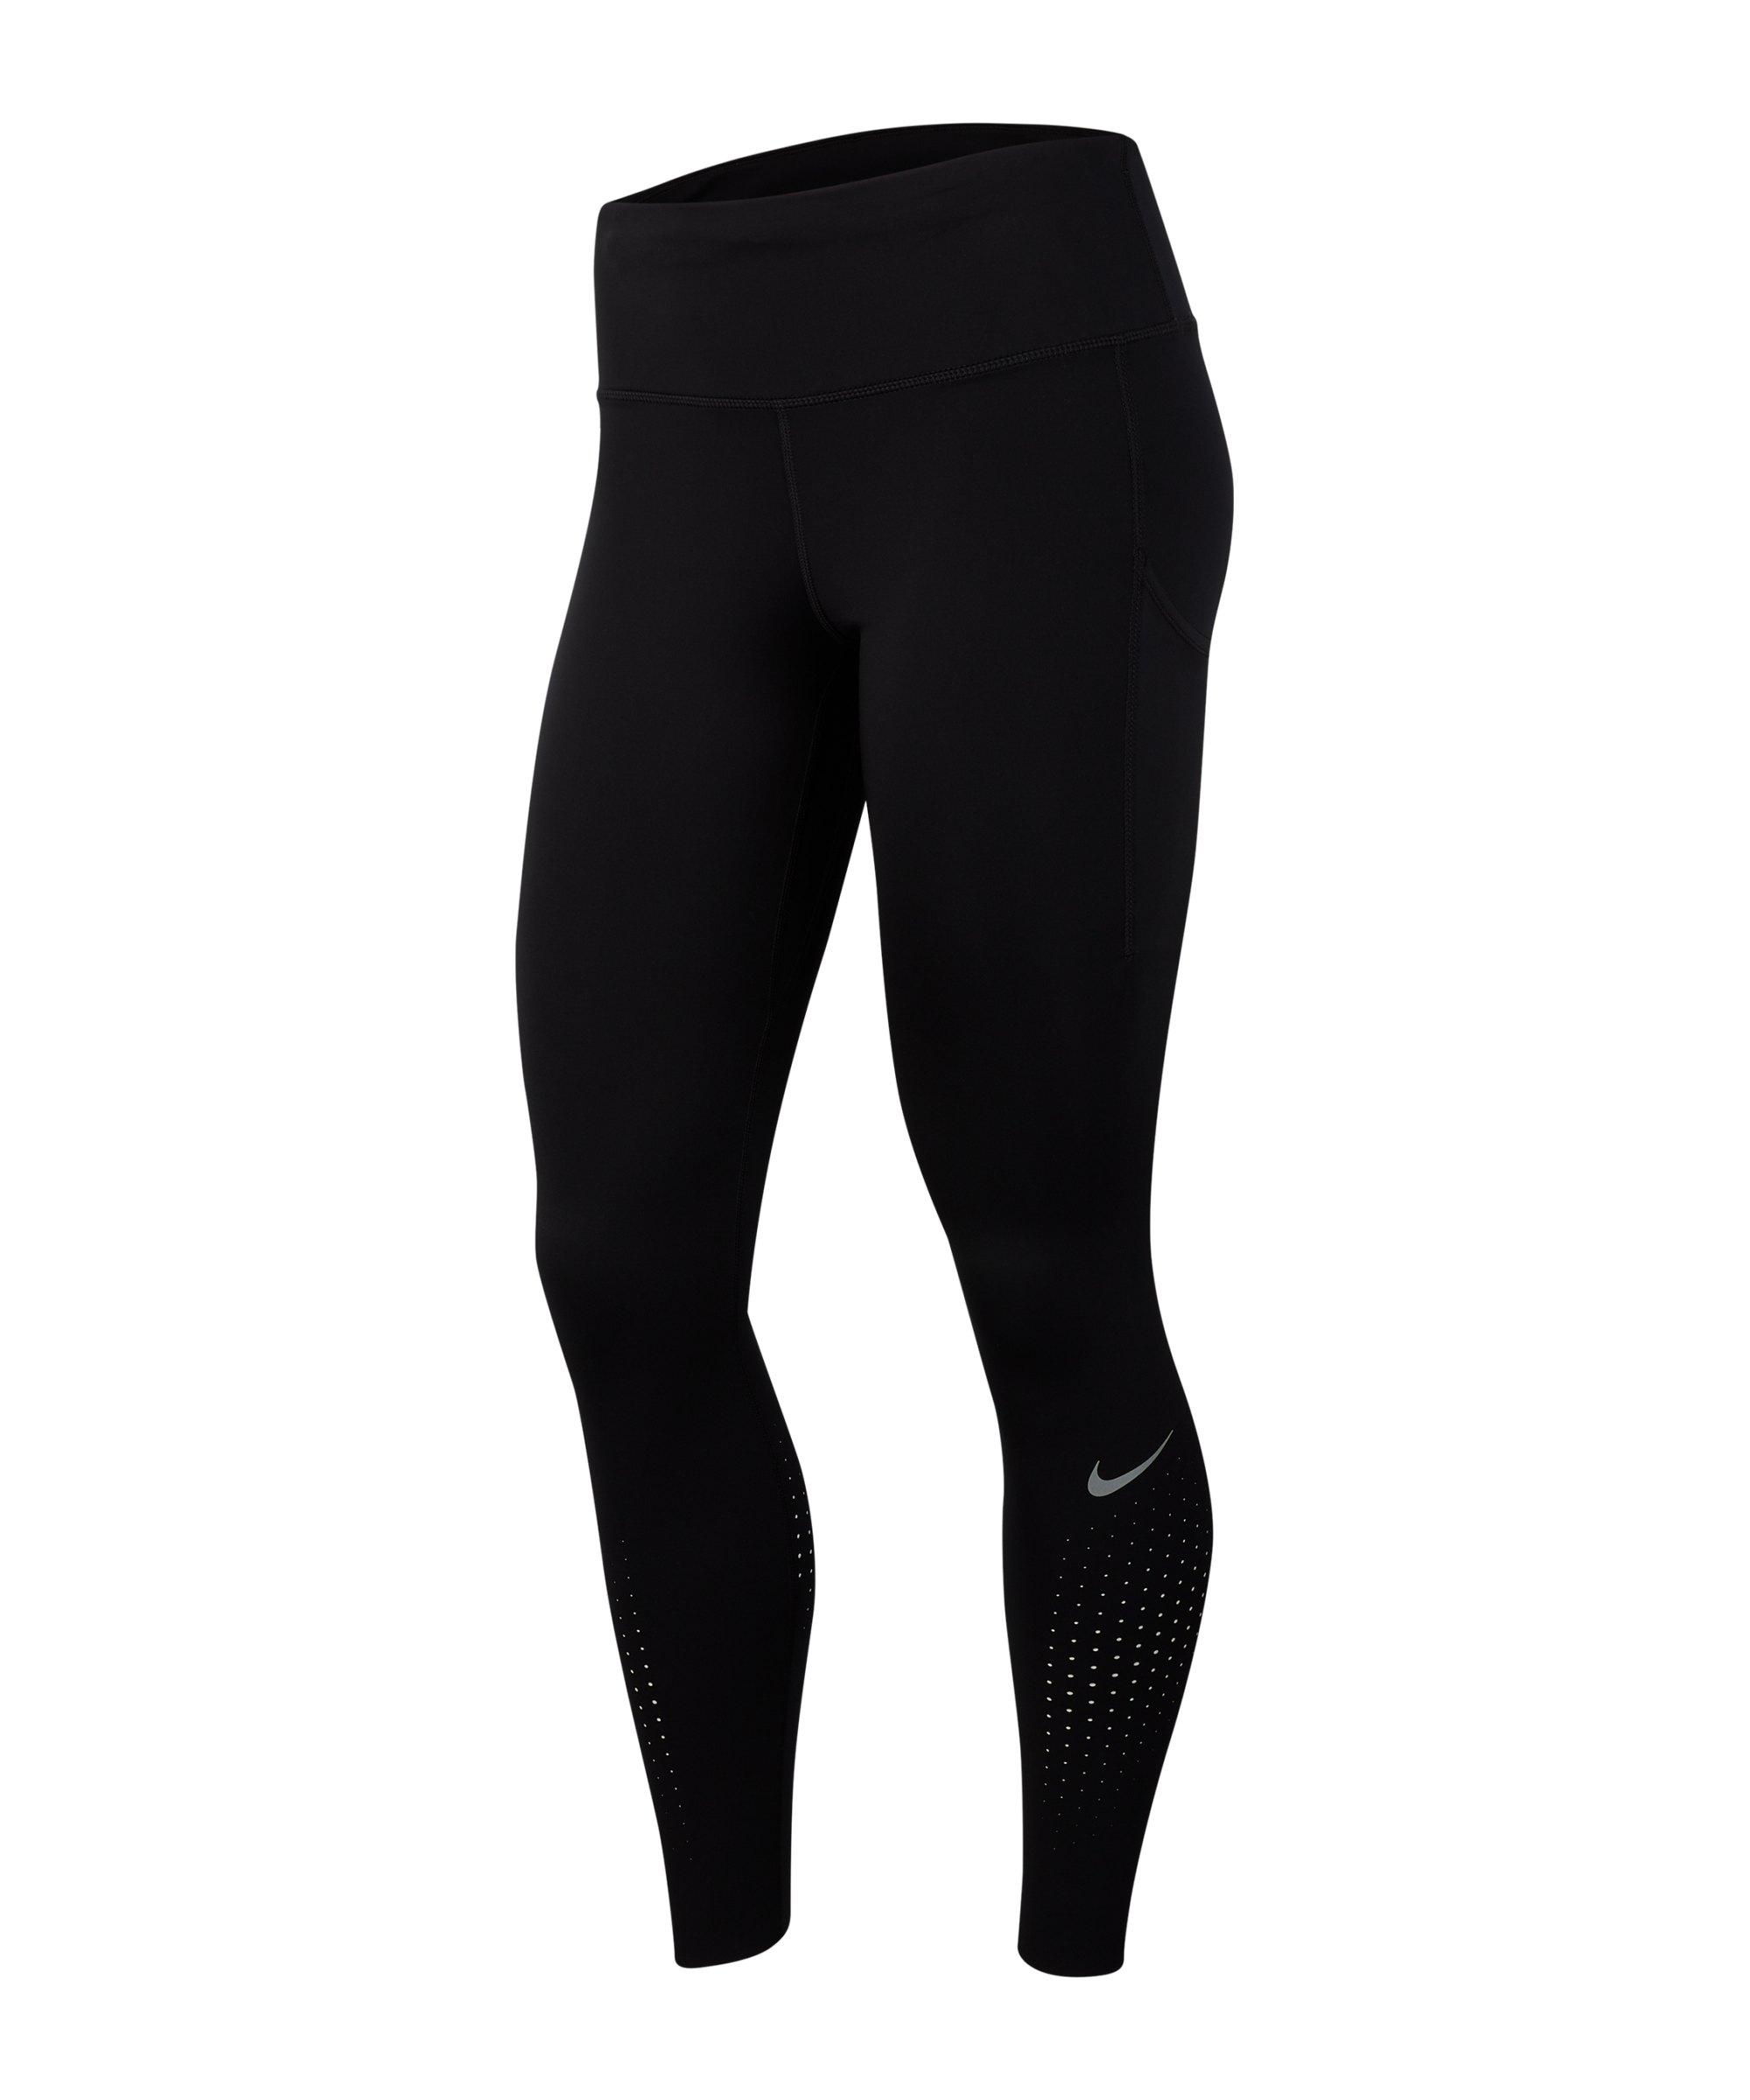 Nike Epic Lux Tight Running Damen Schwarz F010 - schwarz